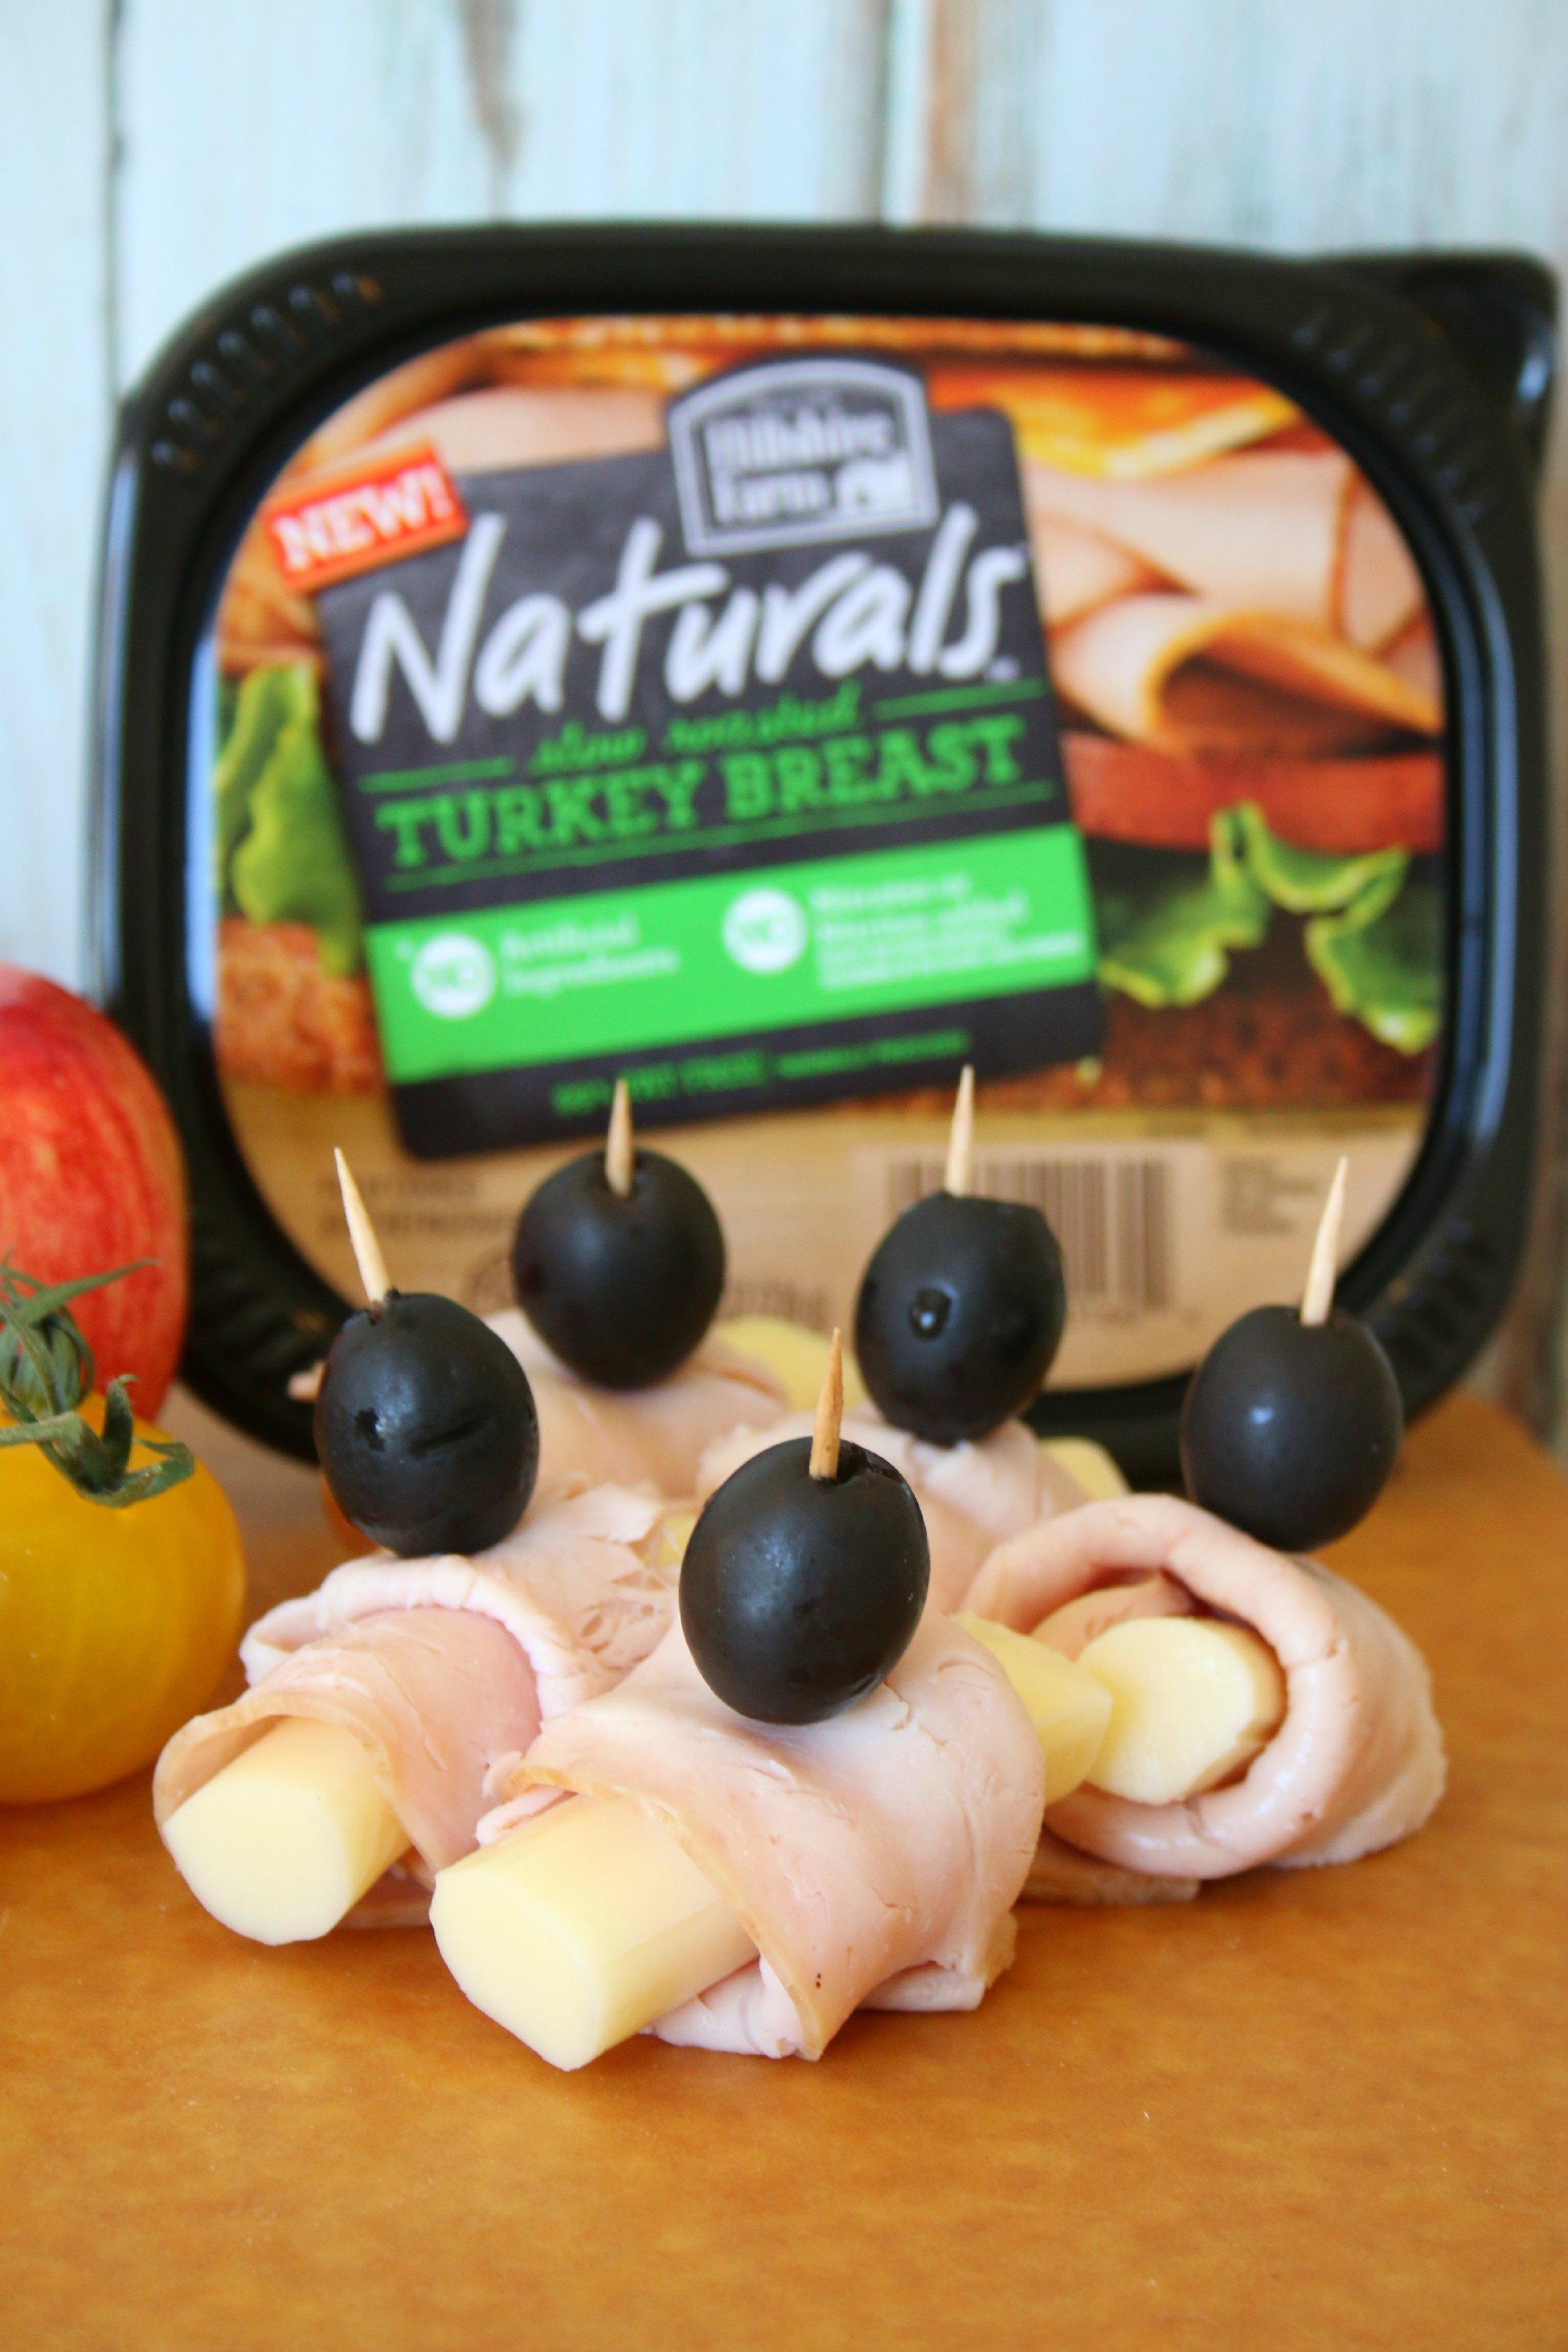 natural turkey breast